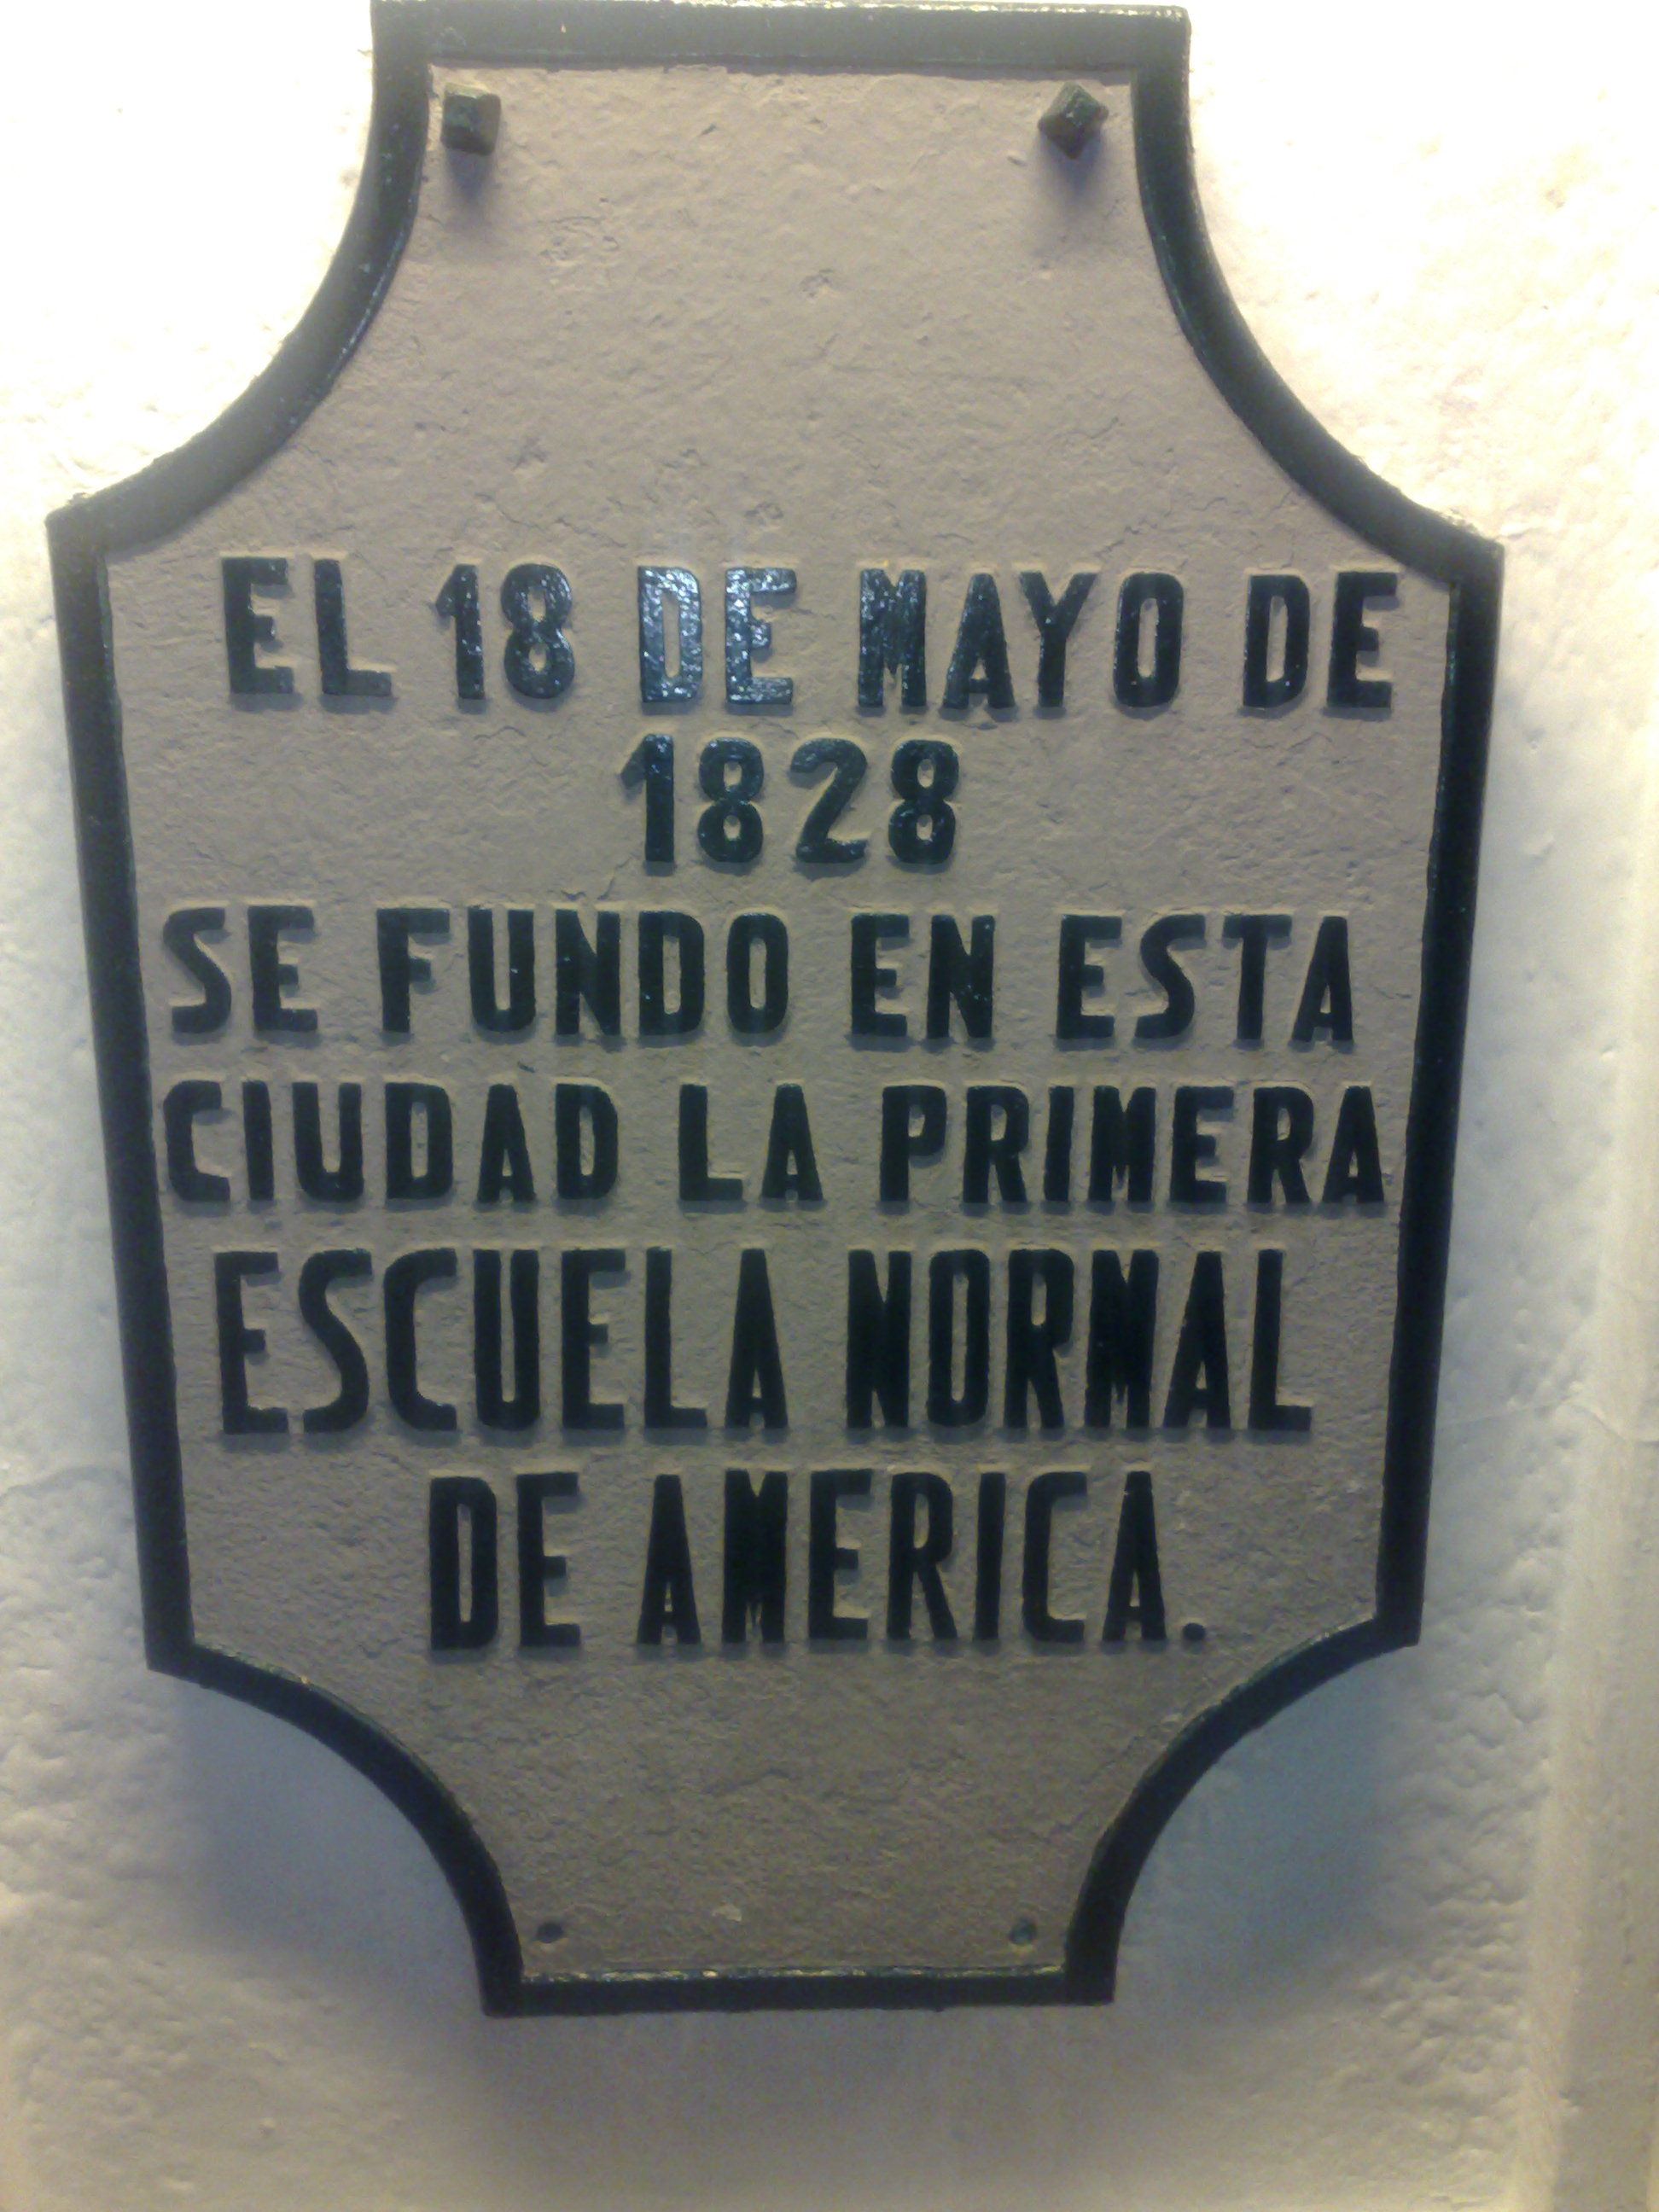 In San Cristobal de las Casas